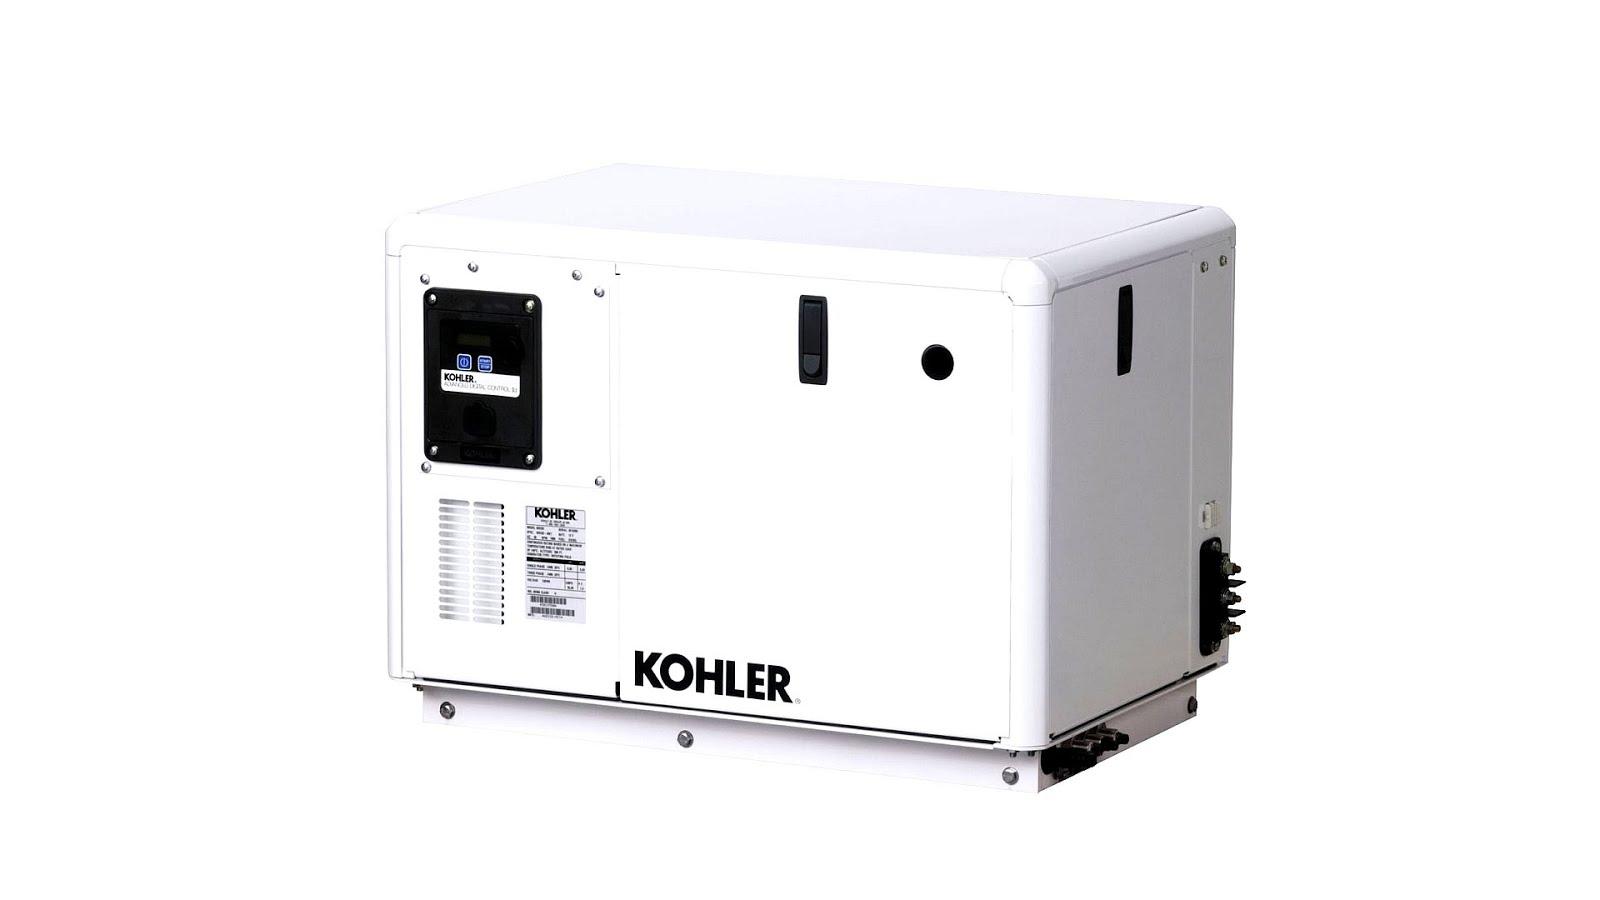 Kohler 5kw Marine Generator For Sale Marine Choices